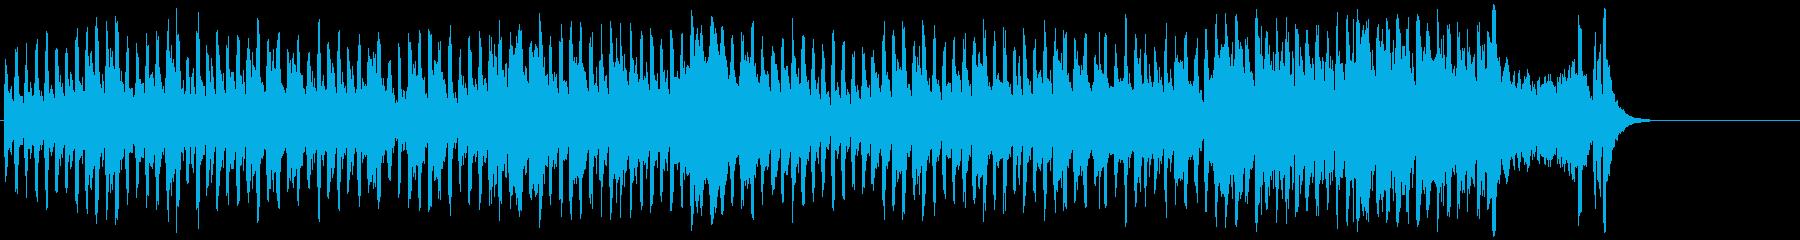 慌ただしいマイナー・クラシック/BGの再生済みの波形